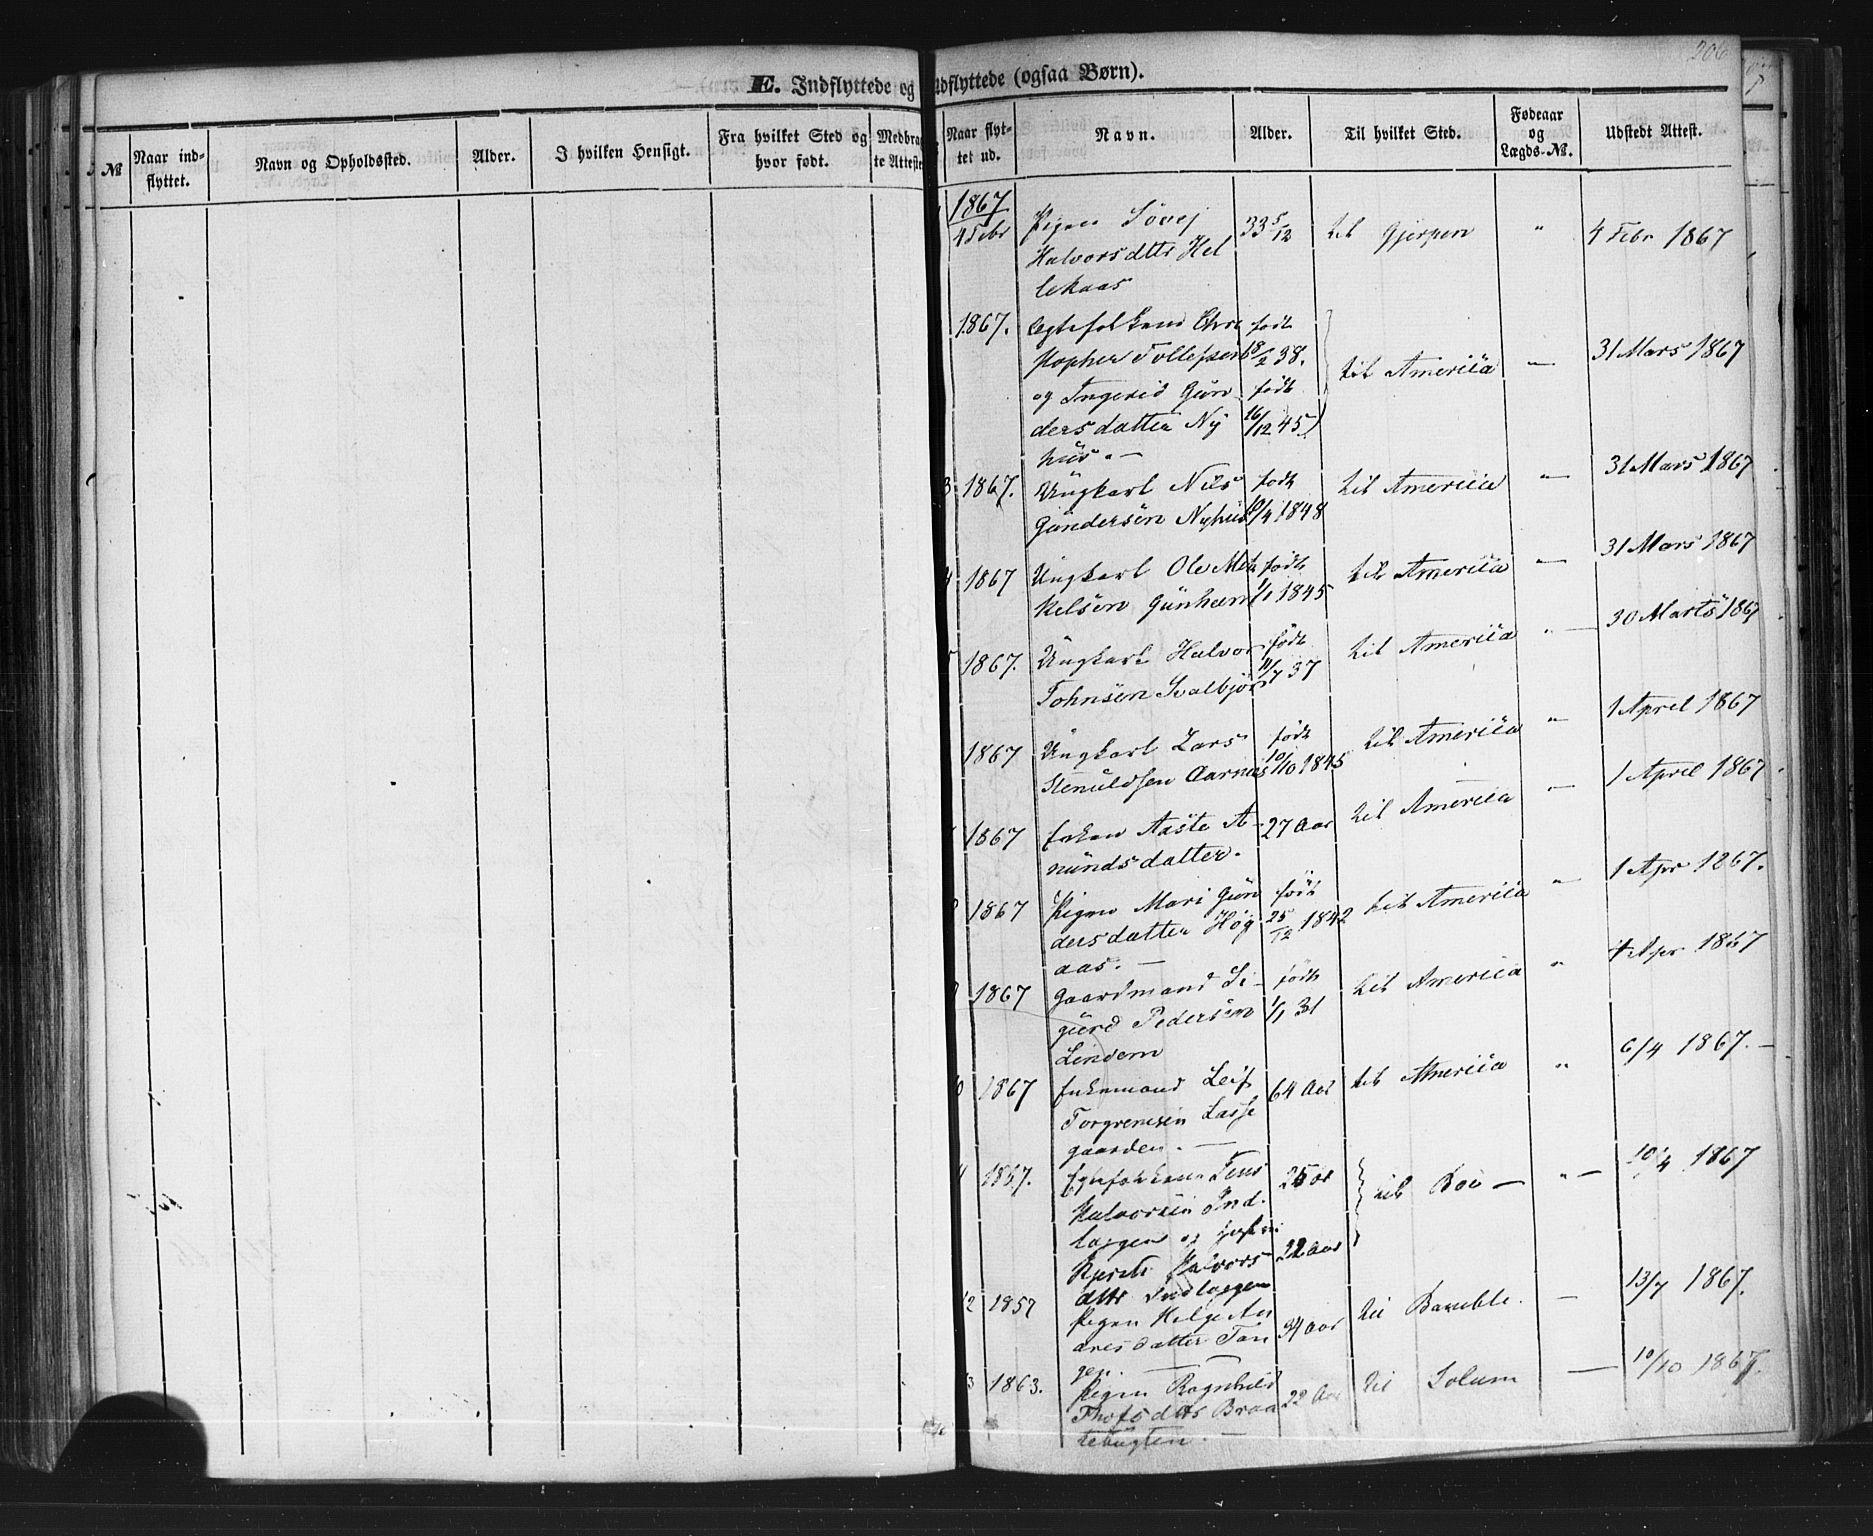 SAKO, Sauherad kirkebøker, F/Fb/L0001: Ministerialbok nr. II 1, 1851-1877, s. 206